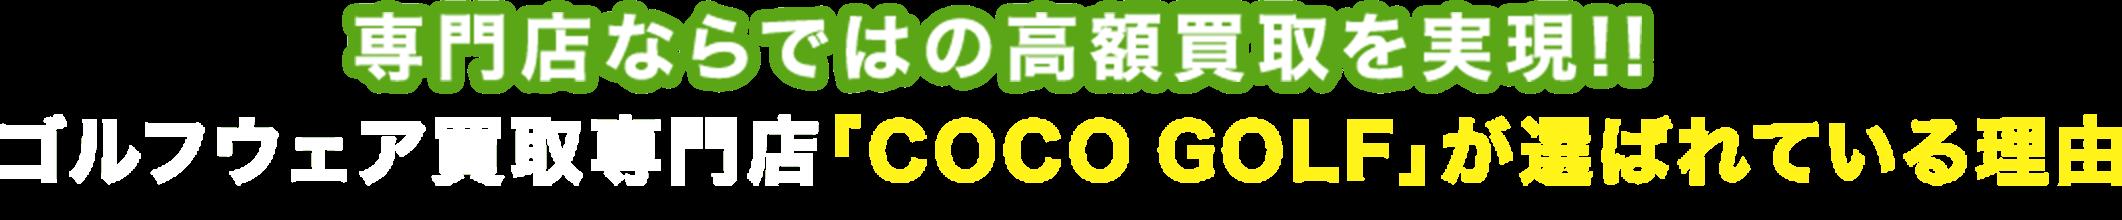 専門店ならではの高額買取を実現!!ゴルフウェア買取専門店「COCO GOLF」が選ばれている理由